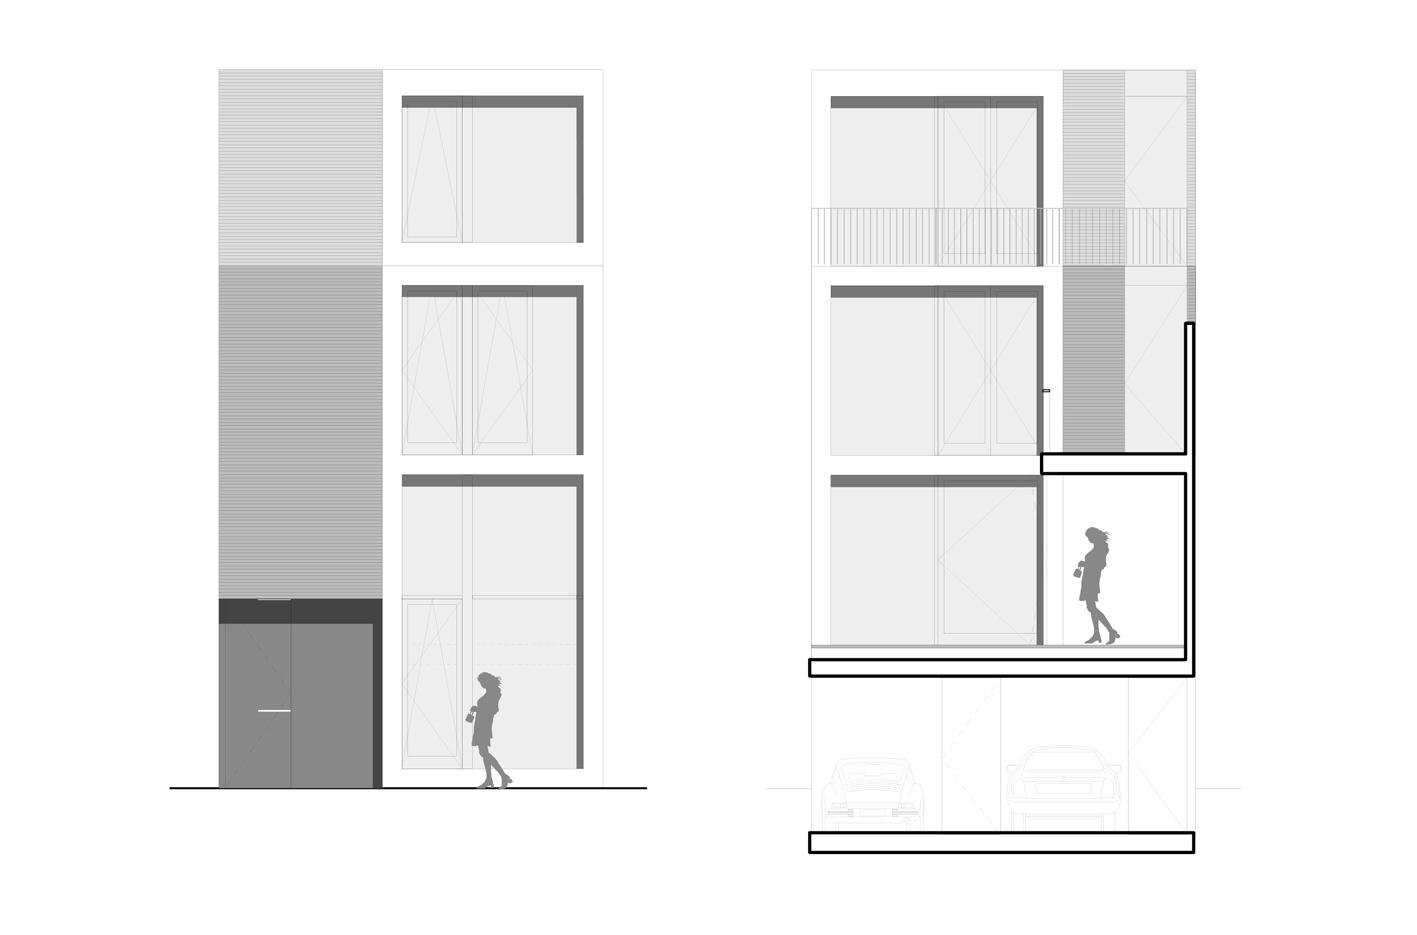 patio3 atelier PUUUR Leiden nieuw leyden particulier opdrachtgeverschap PO zelfbouw vrije gevel indeling